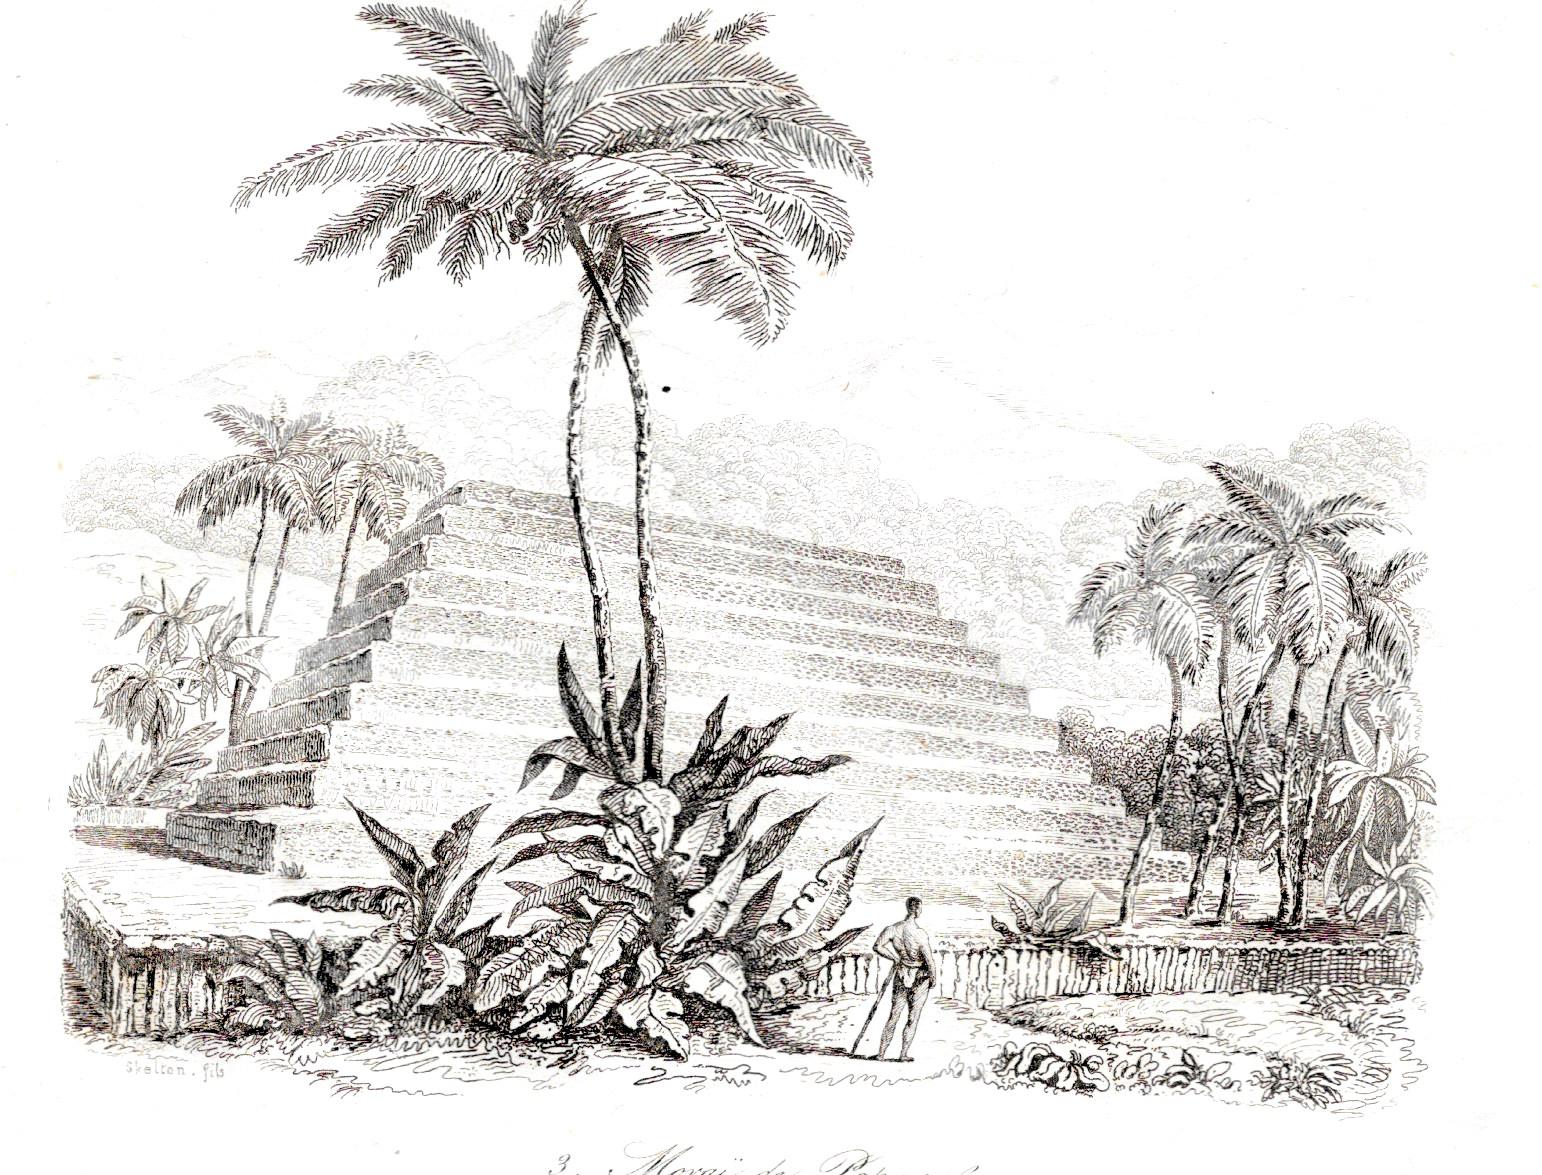 Le marae de Papara tel qu'il était lors de la découverte de Tahiti par les Européens.